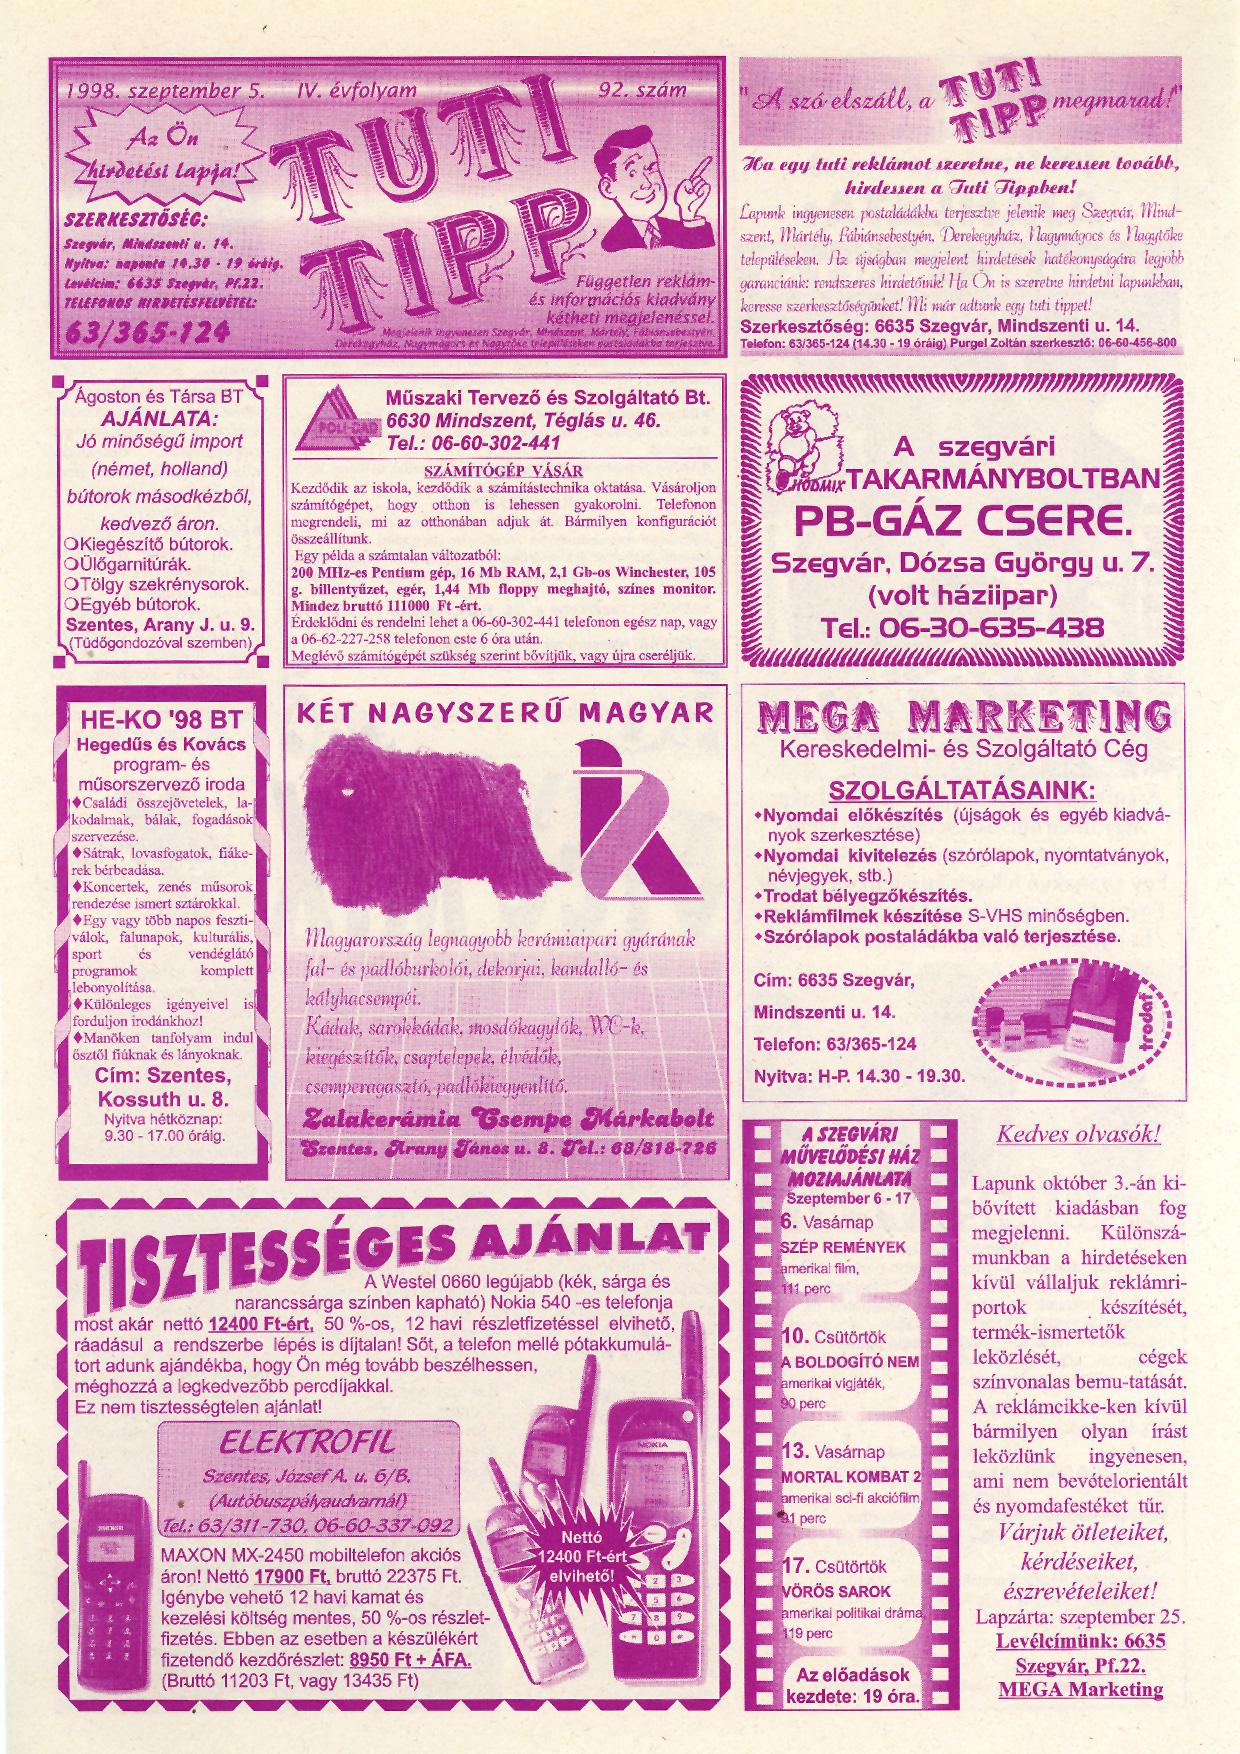 039 Tuti Tipp reklámújság - 19980905-092. lapszám - 1.oldal - IV. évfolyam.jpg